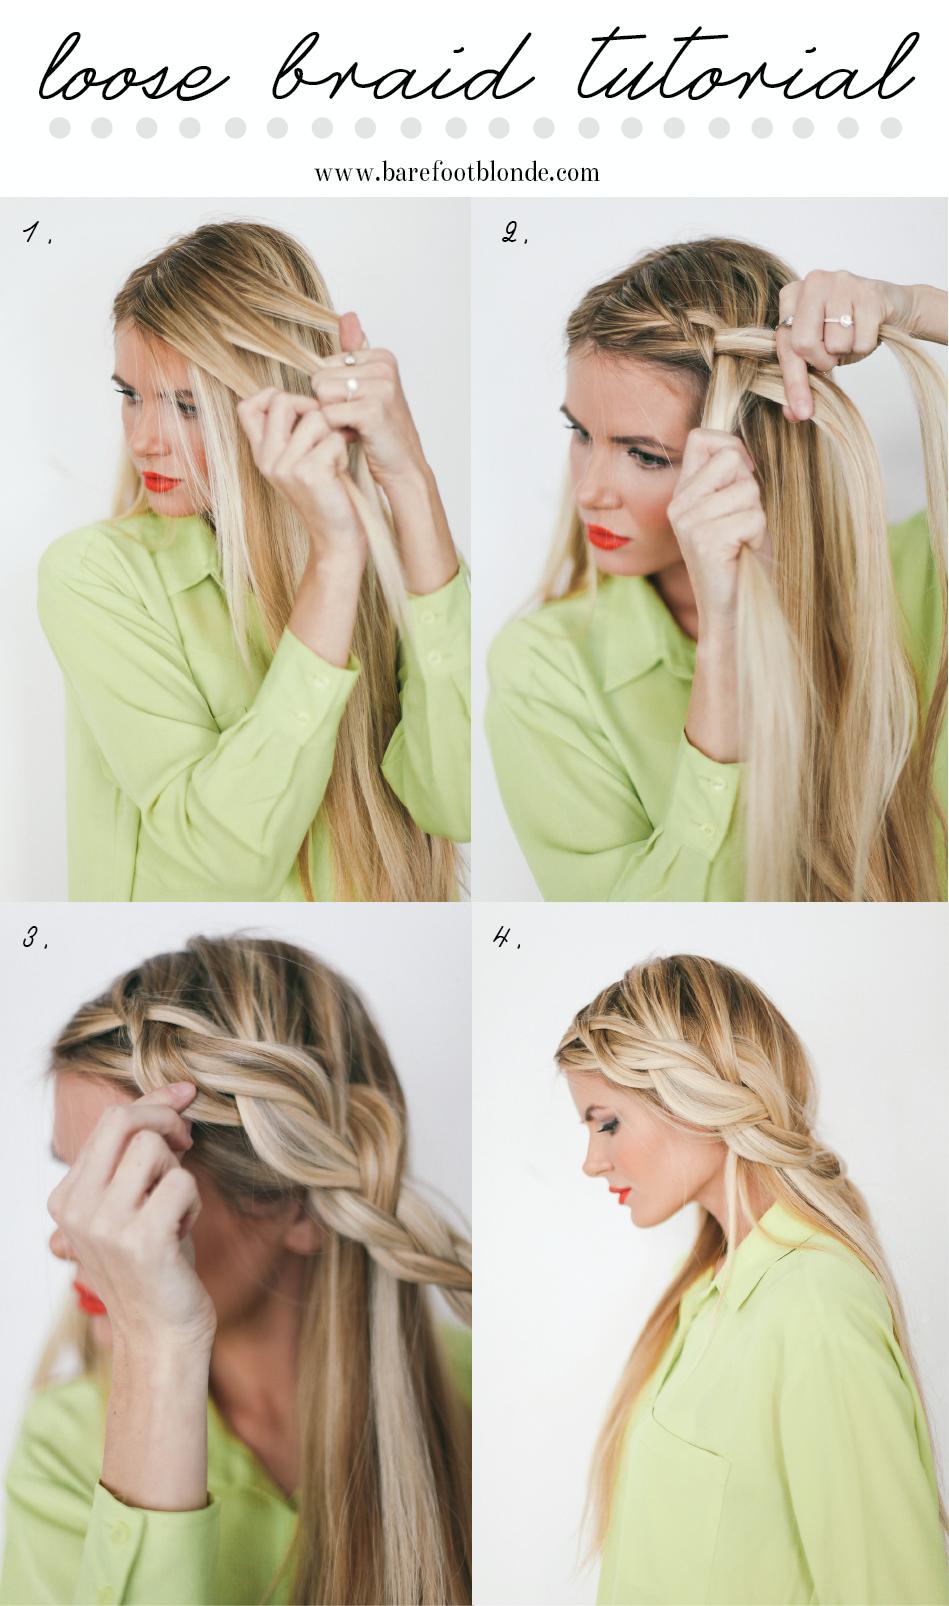 Loose braid tutorial hair braid bun hair ideas hairstyles messy bun